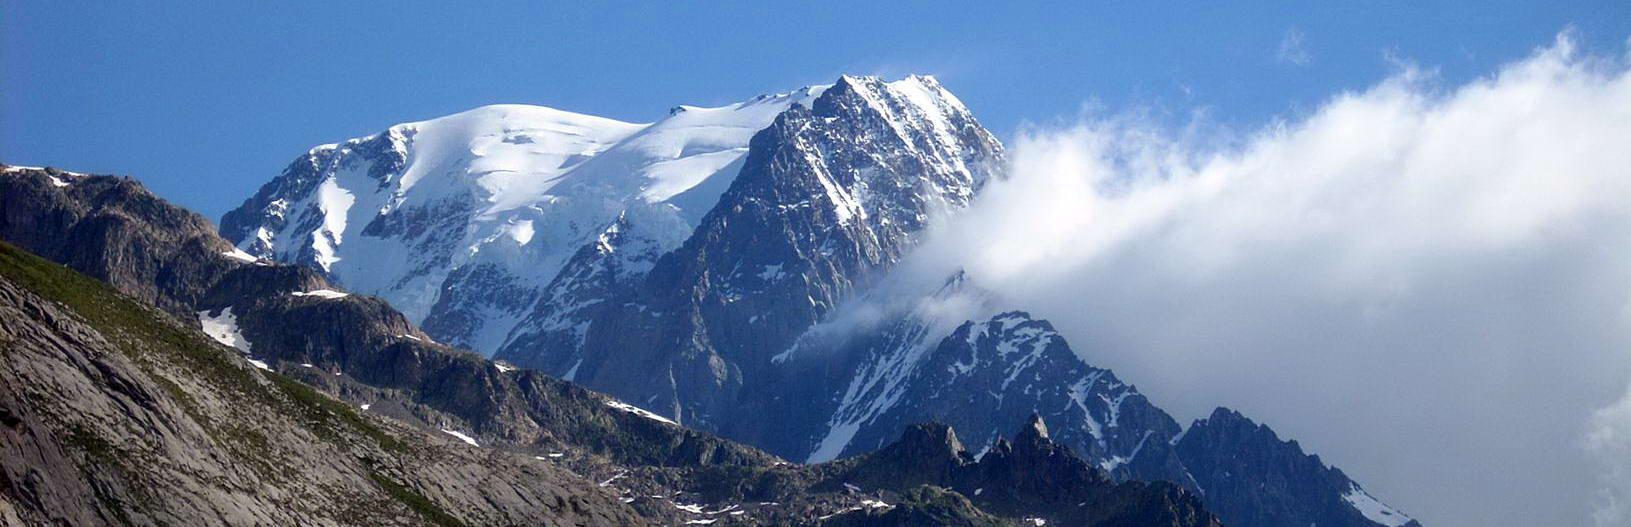 La vertiente italiana del macizo del Monte Bianco | TMB